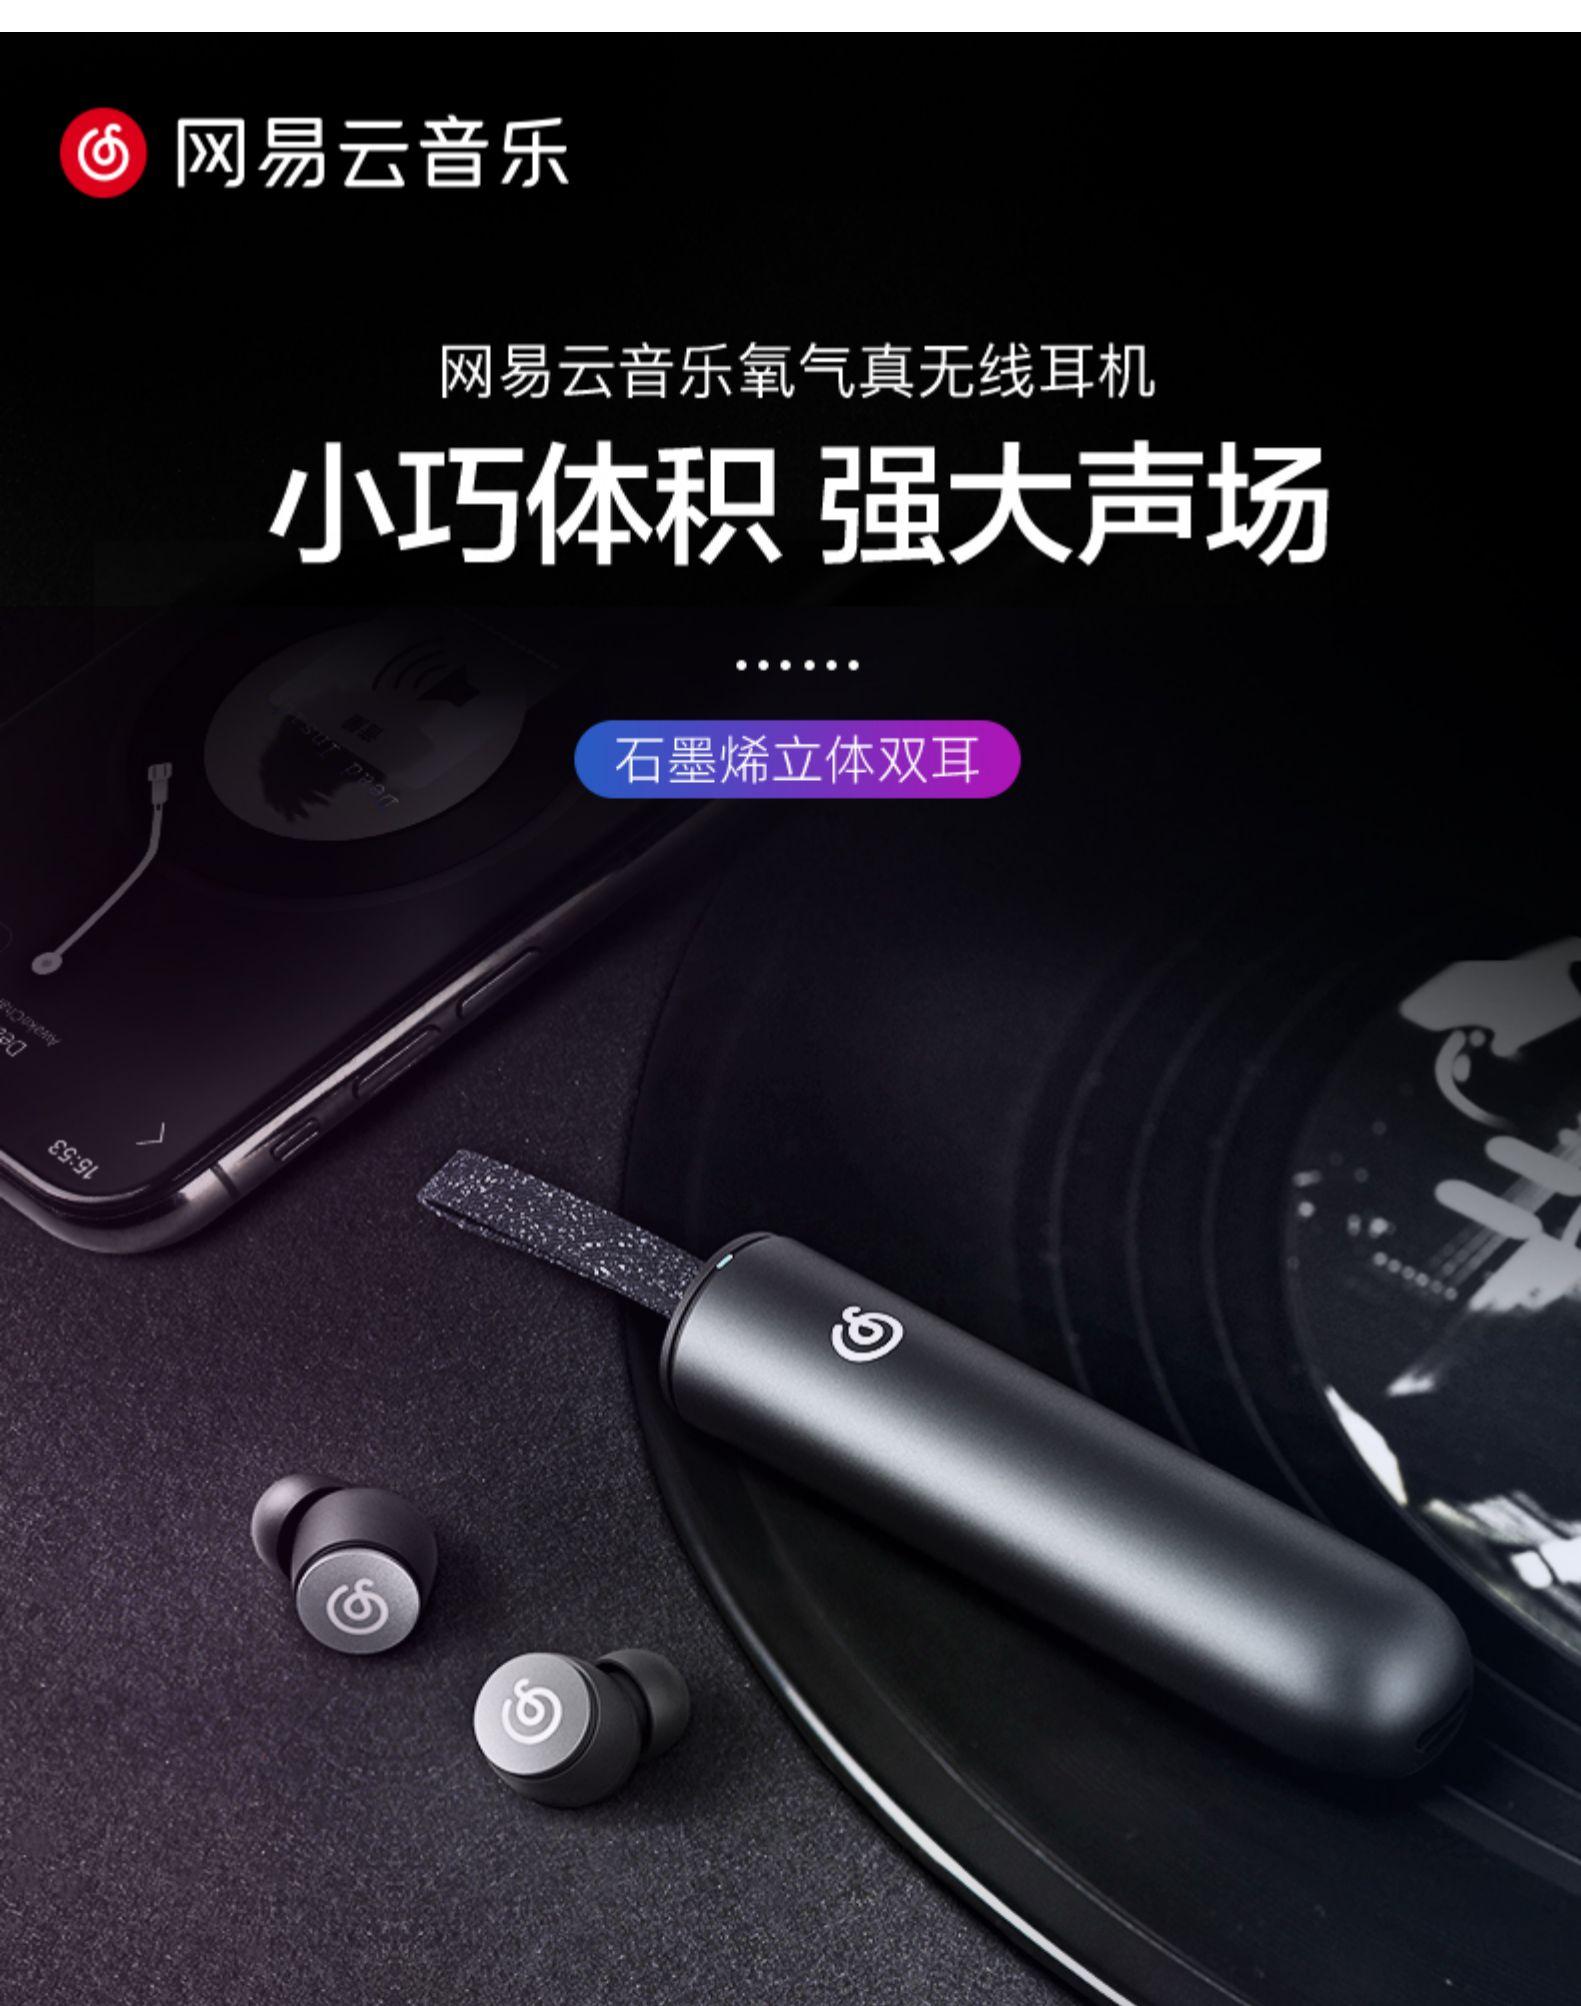 日本G-Mark大奖 NETEASE 网易云音乐 ME002TWS 真无线耳机 天猫优惠券折后¥189包邮(¥229-40)2色可选